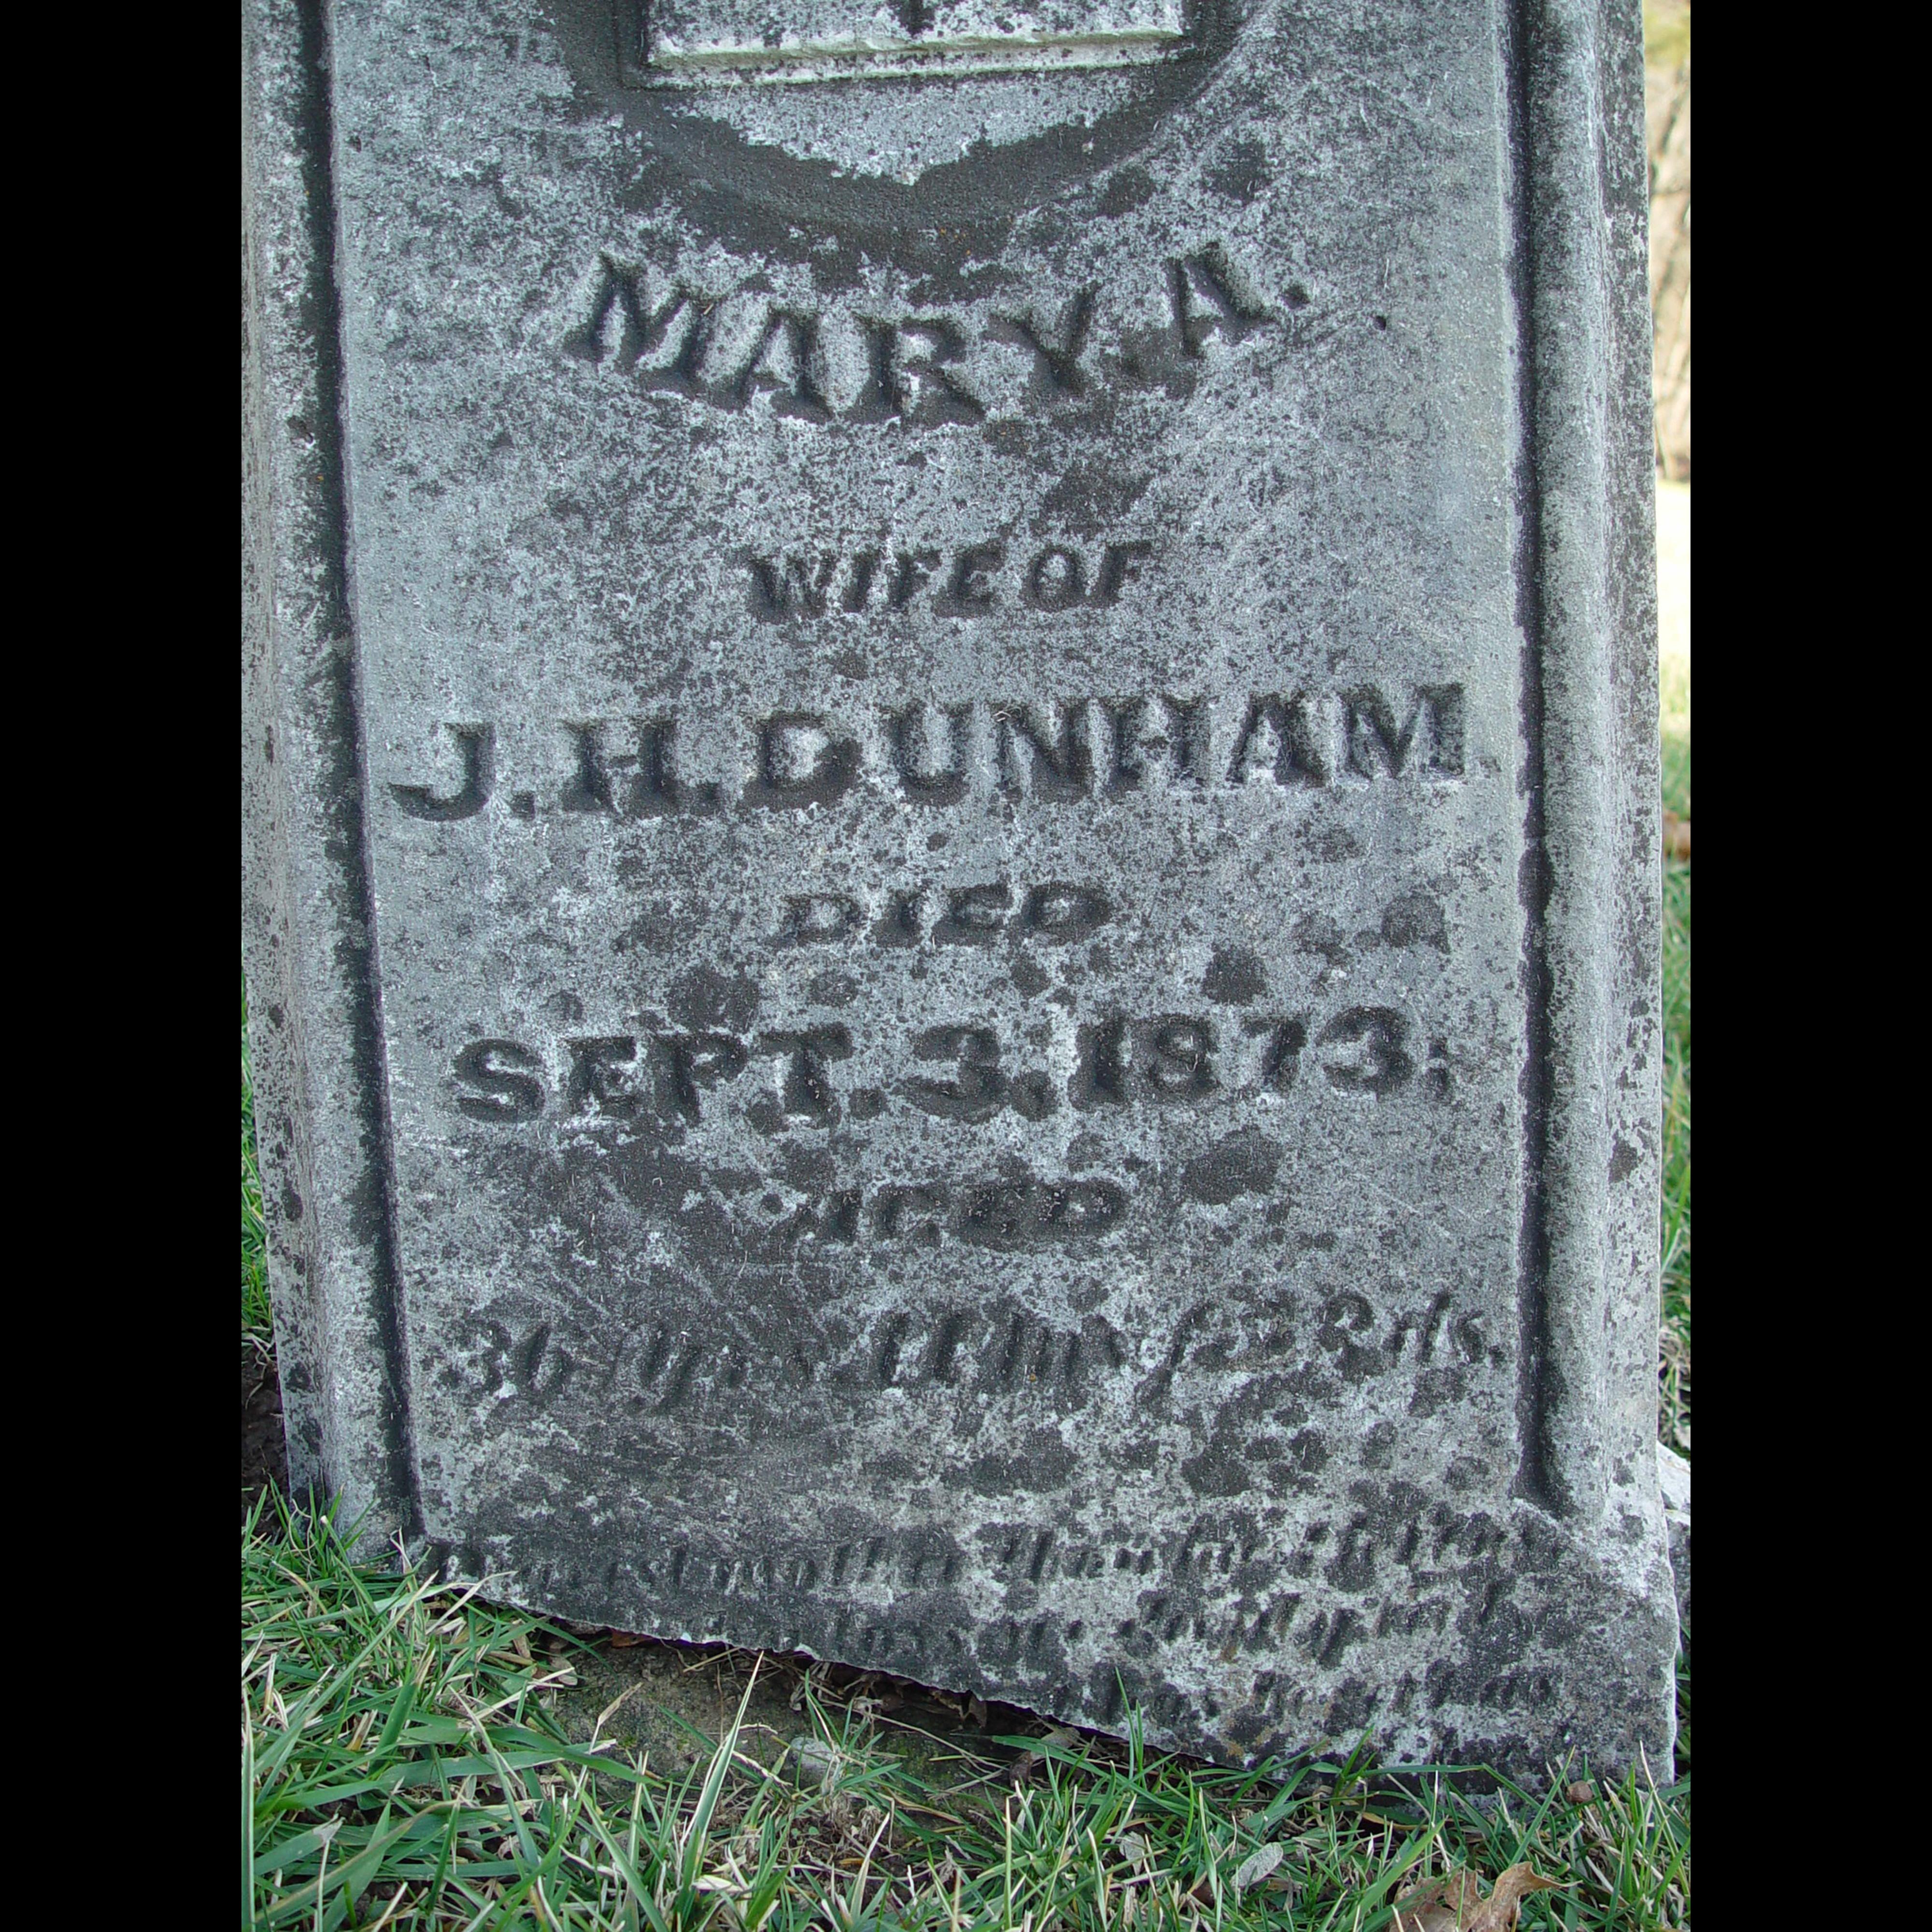 Joshua Dunham